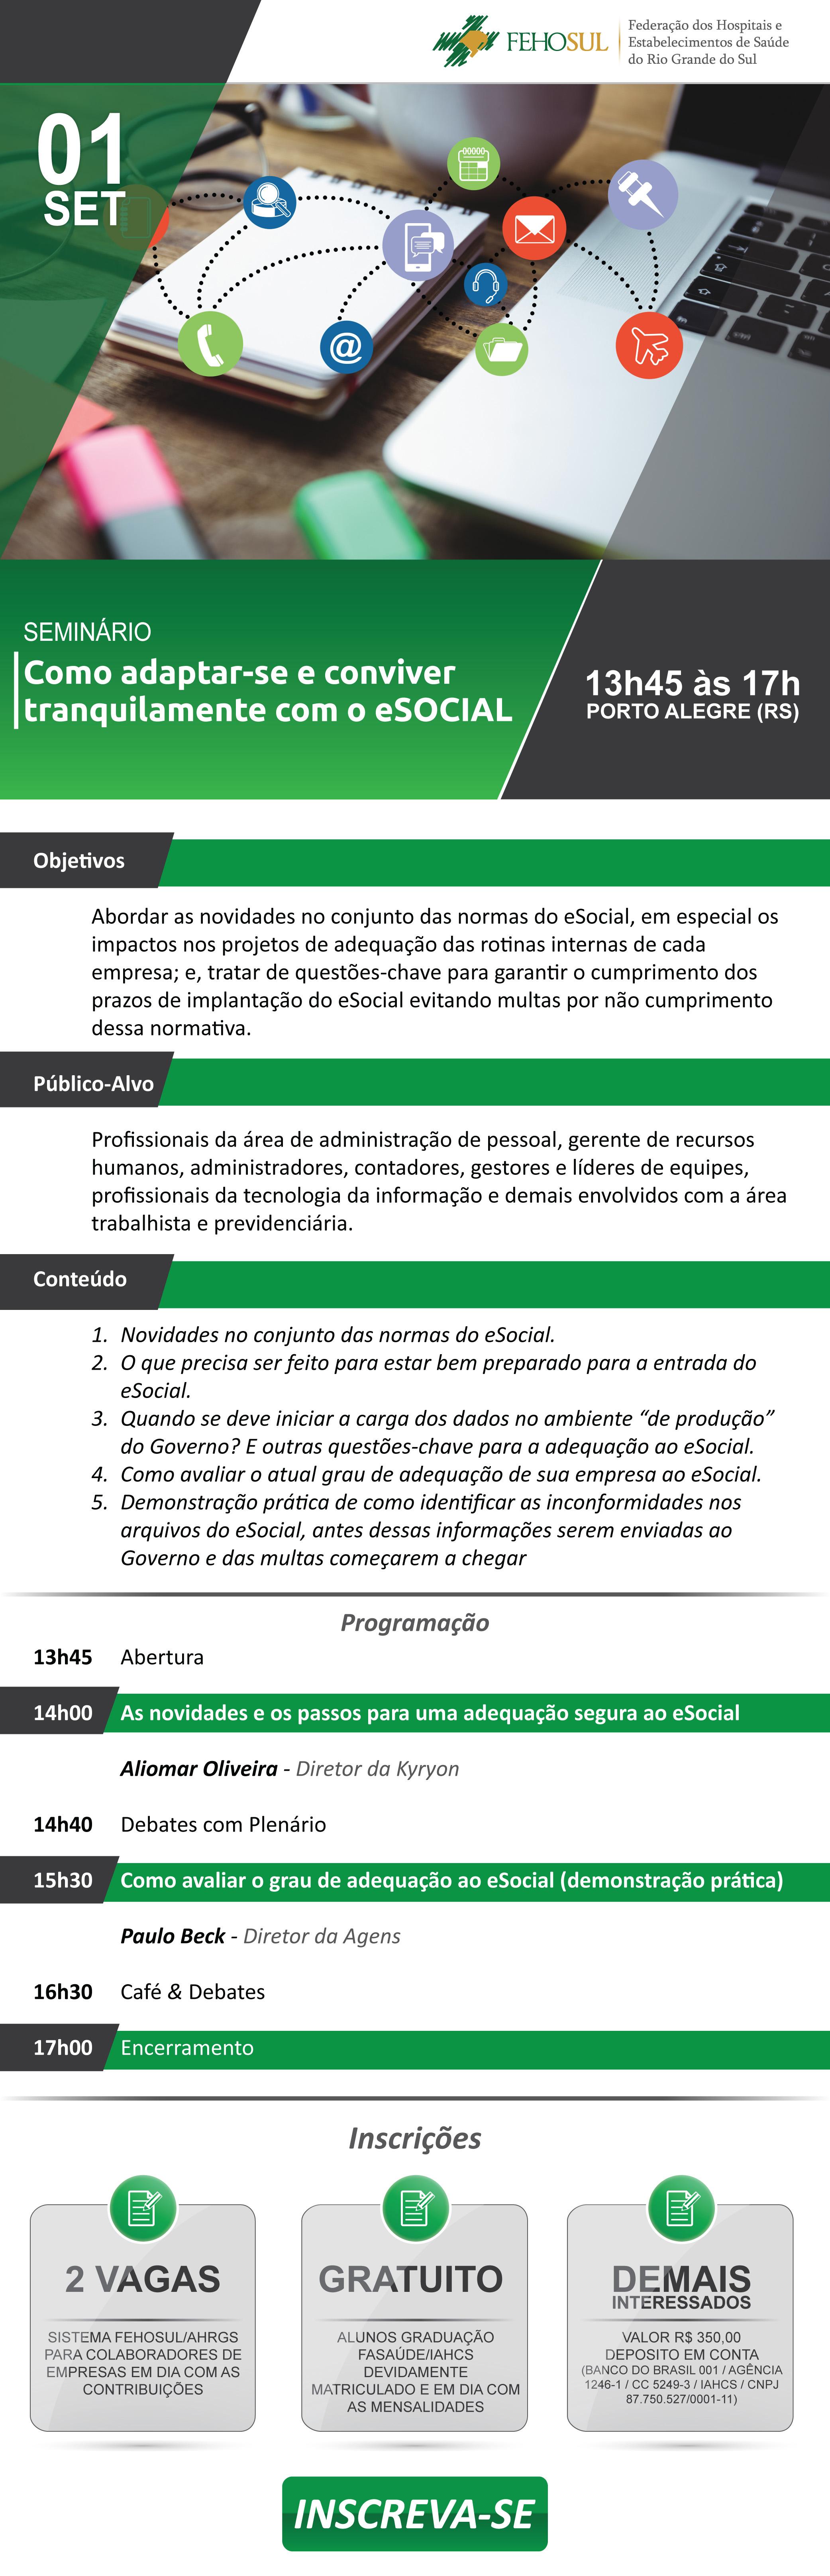 09_01_Seminario_ESocial